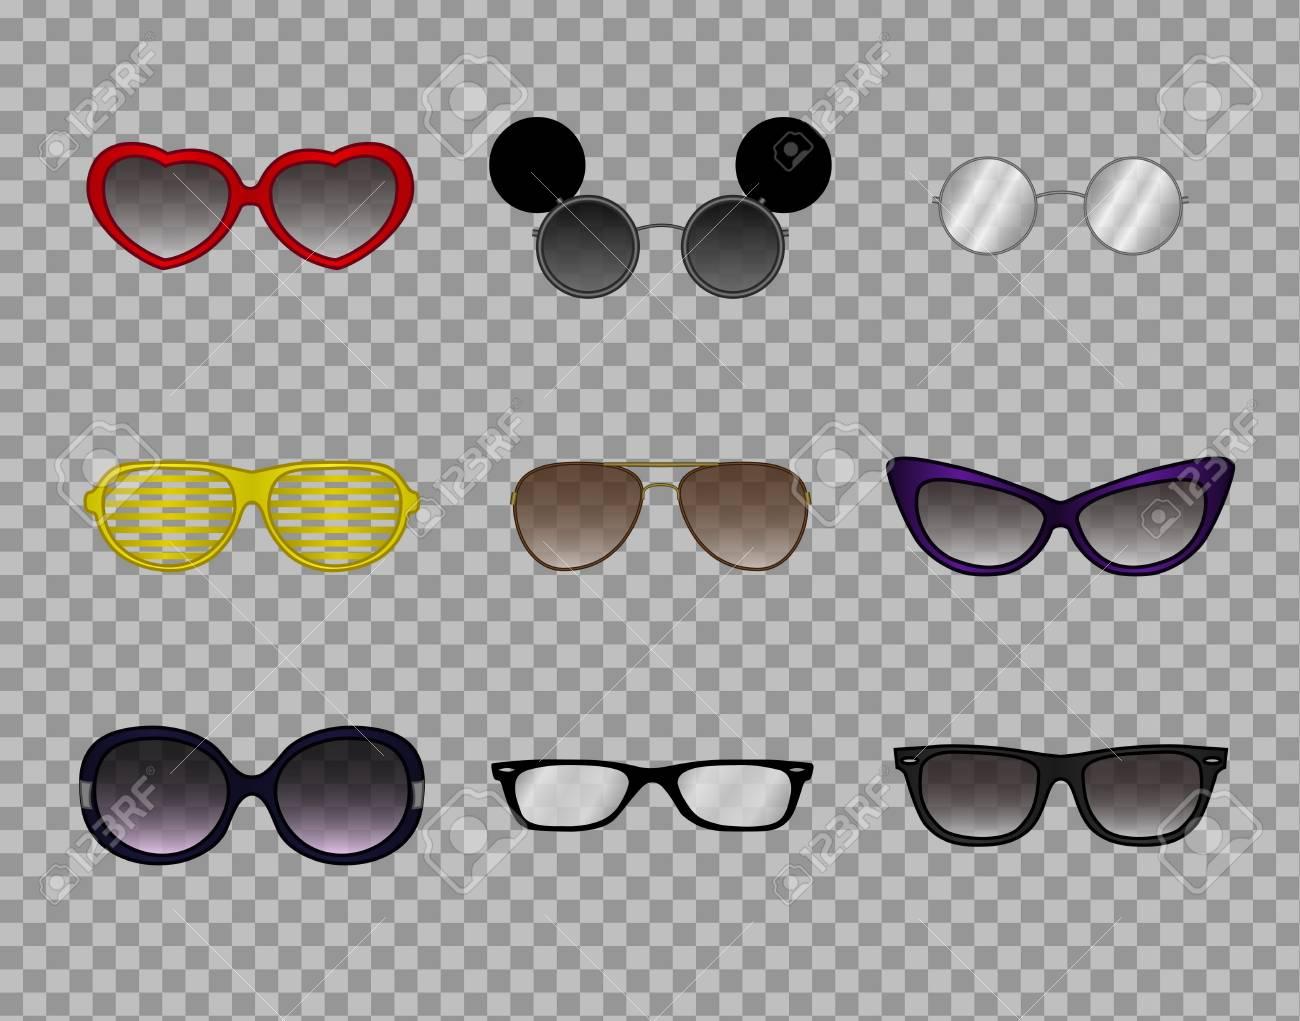 efe807ad48e0c Banque d images - Une collection de lunettes branchées